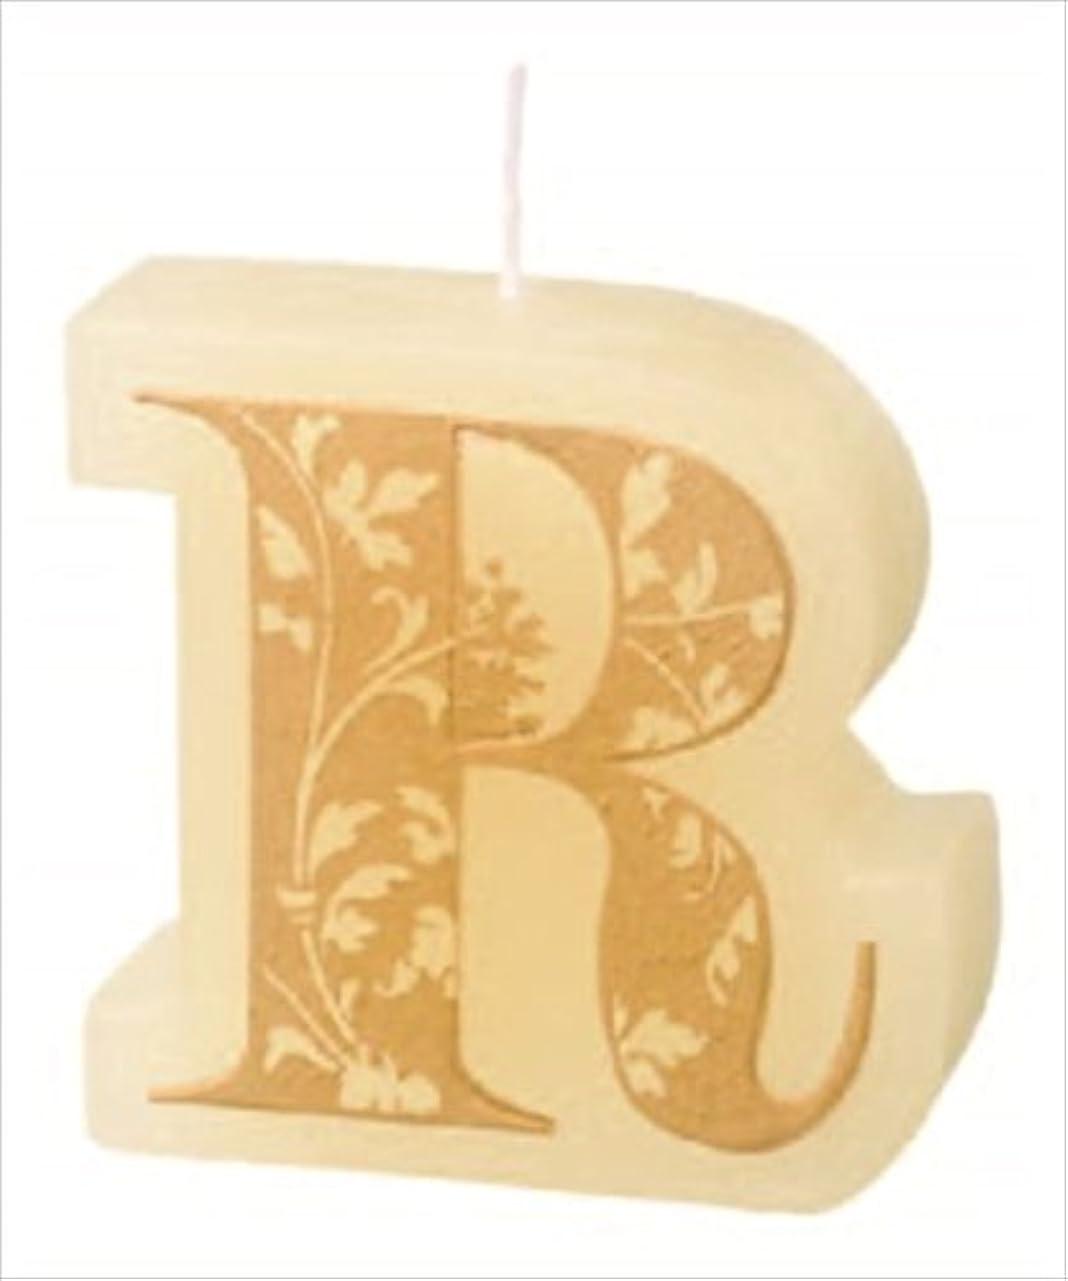 オーストラリア人オレンジナサニエル区カメヤマキャンドル(kameyama candle) イニシャルキャンドルミニ 「 R 」